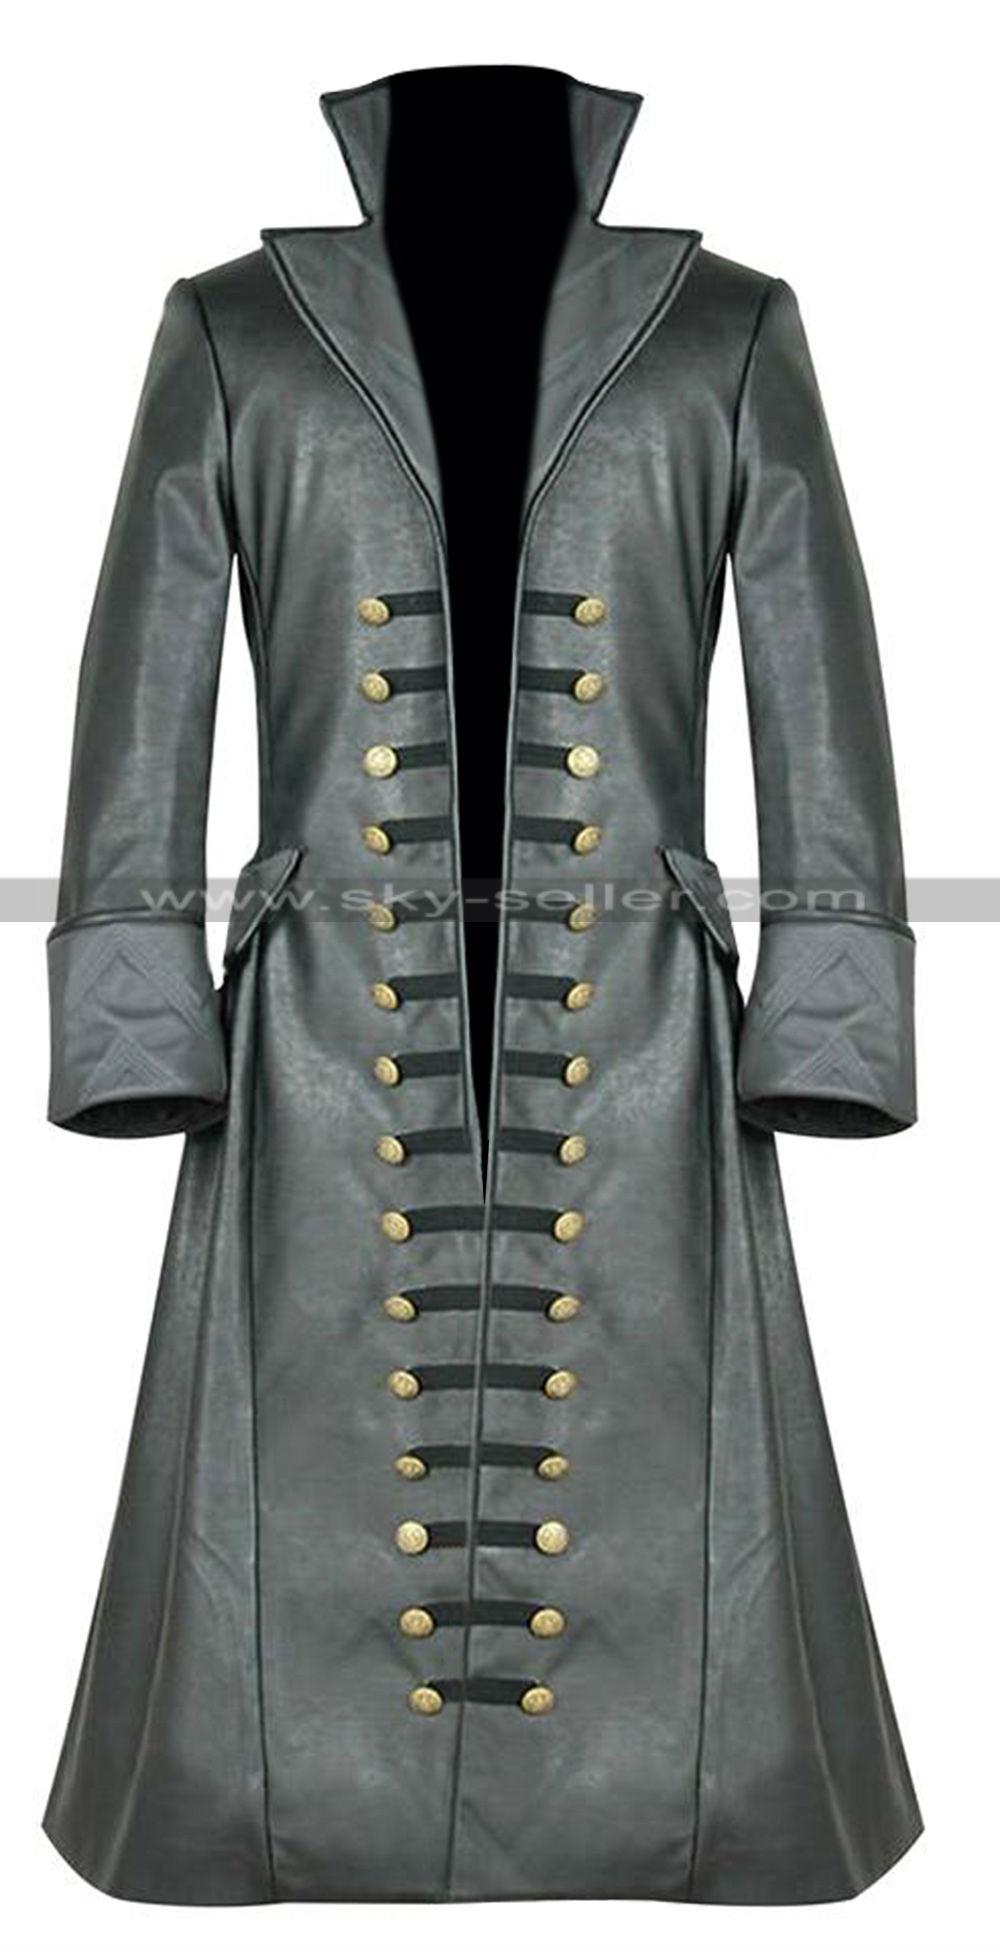 Black sails s3 pirate captain flint leather coat - Description